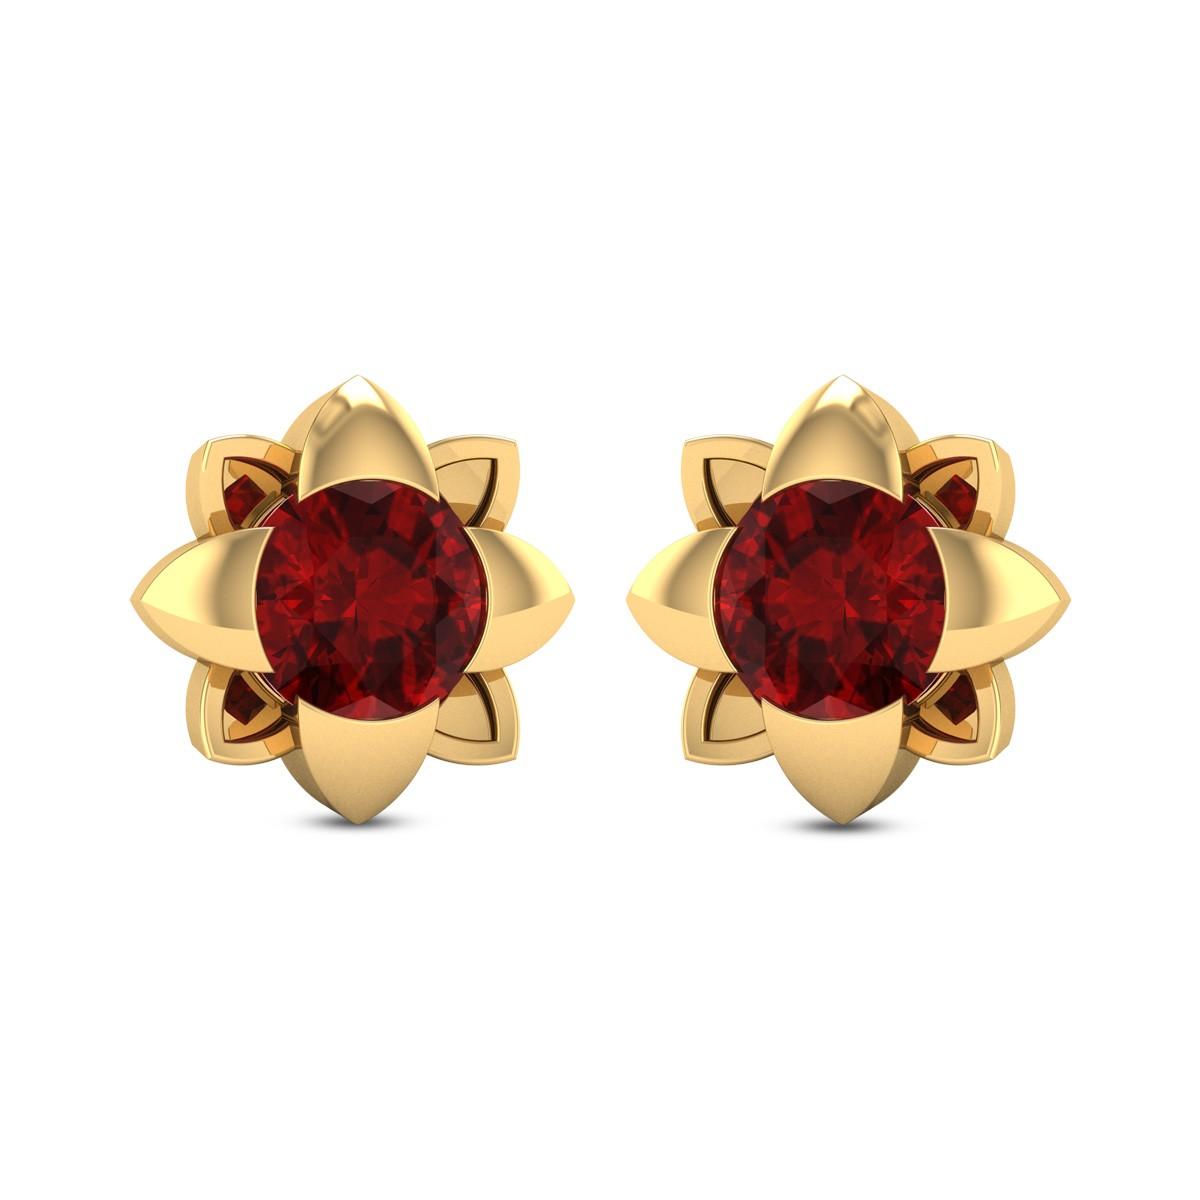 Germaine Floral Ruby Stud Earrings